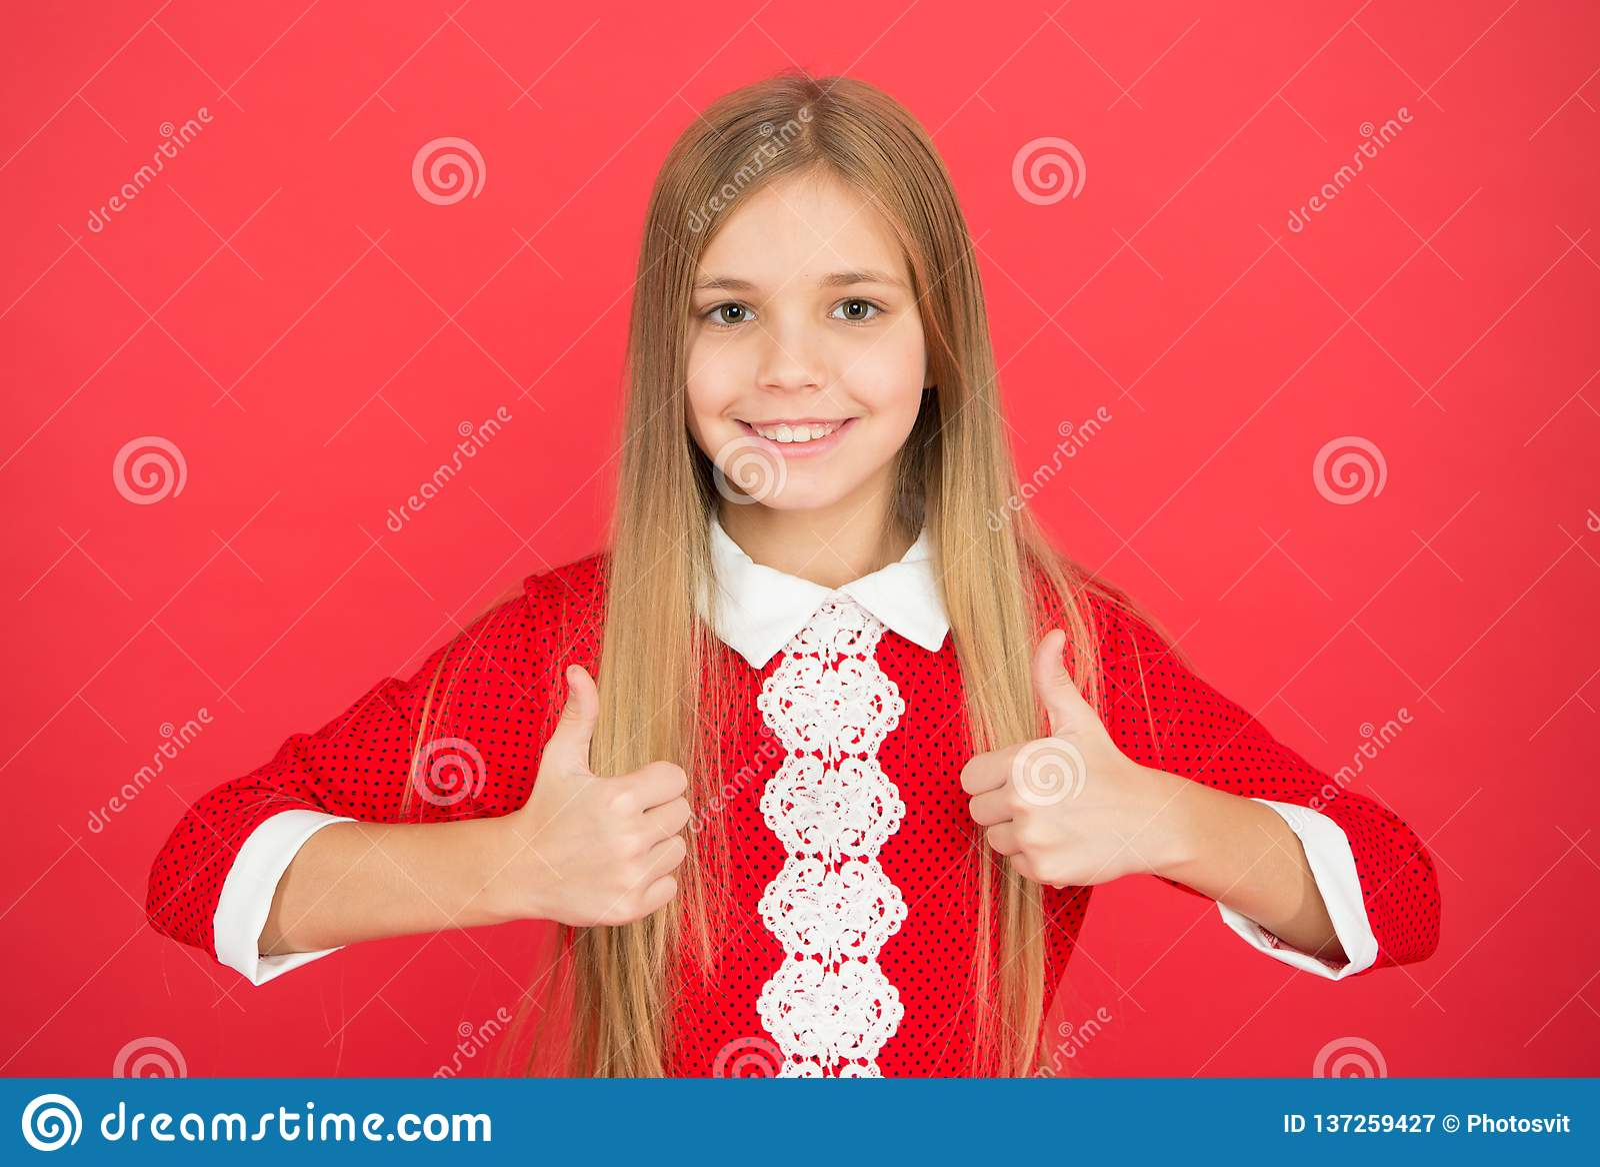 Klein meisjeskind Schoolonderwijs gelukkig meisje op rode achtergrond Familie en liefde De Dag van kinderen Kinderjaren